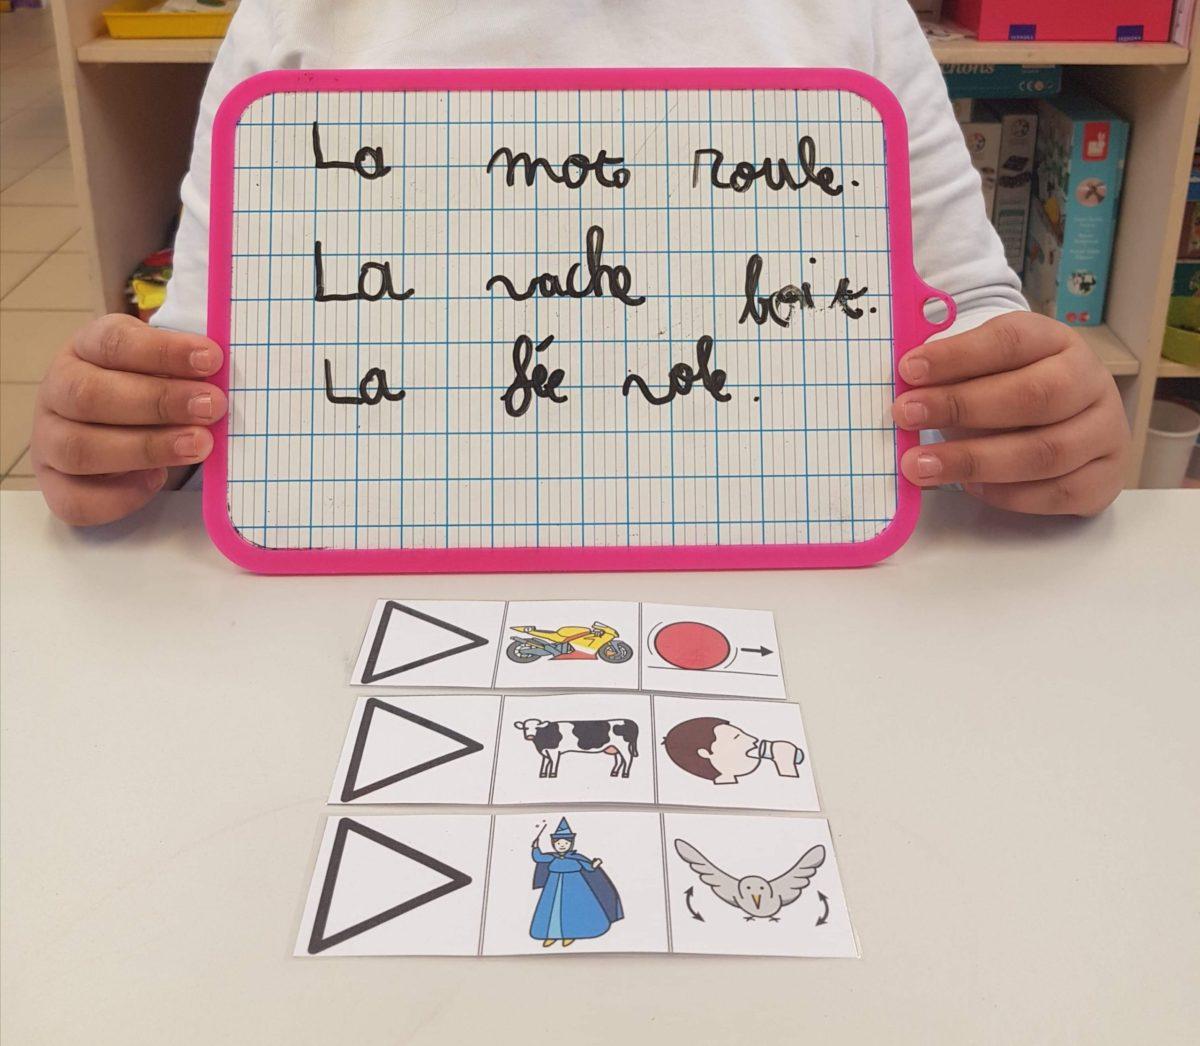 Des pictogrammes pour améliorer la grammaire et l'orthographie